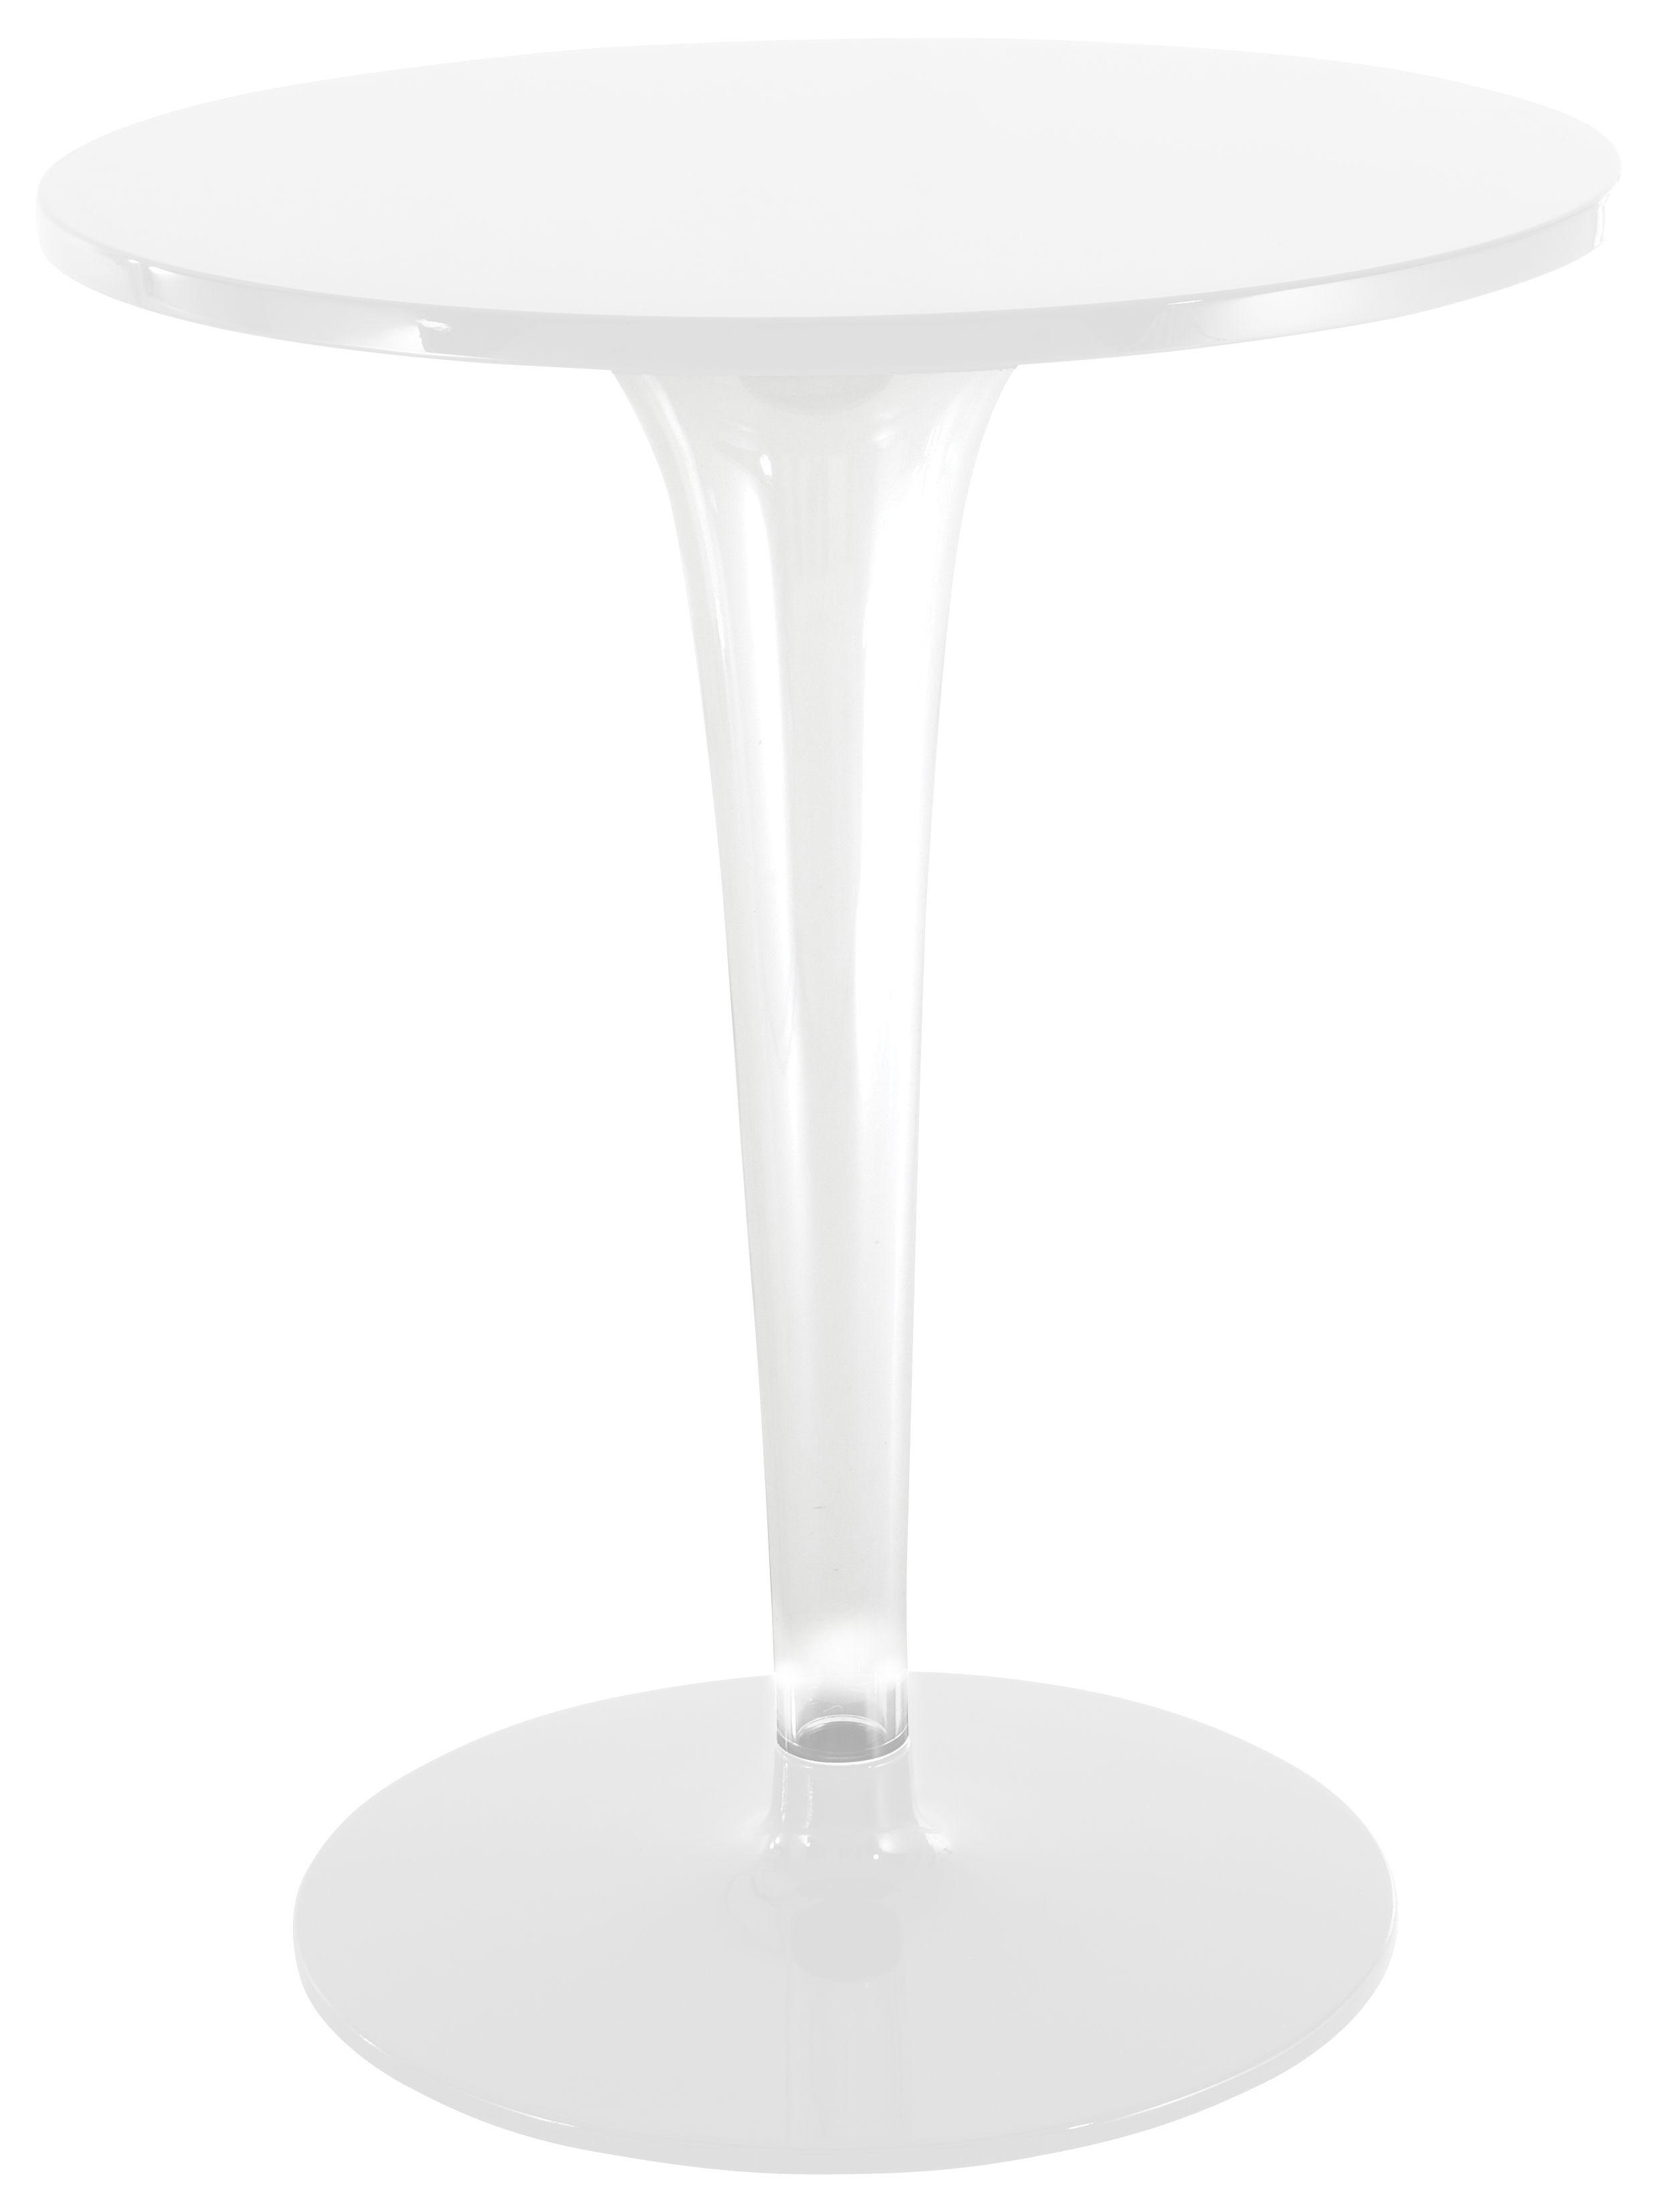 Outdoor - Tische - TopTop - Dr. YES Runder Tisch mit runder Tischplatte Ø 60 cm - Kartell - Ø 60 cm - Weiß / Sockel und Fuß rund - klarlackbeschichtetes Aluminium, Melamin, PMMA